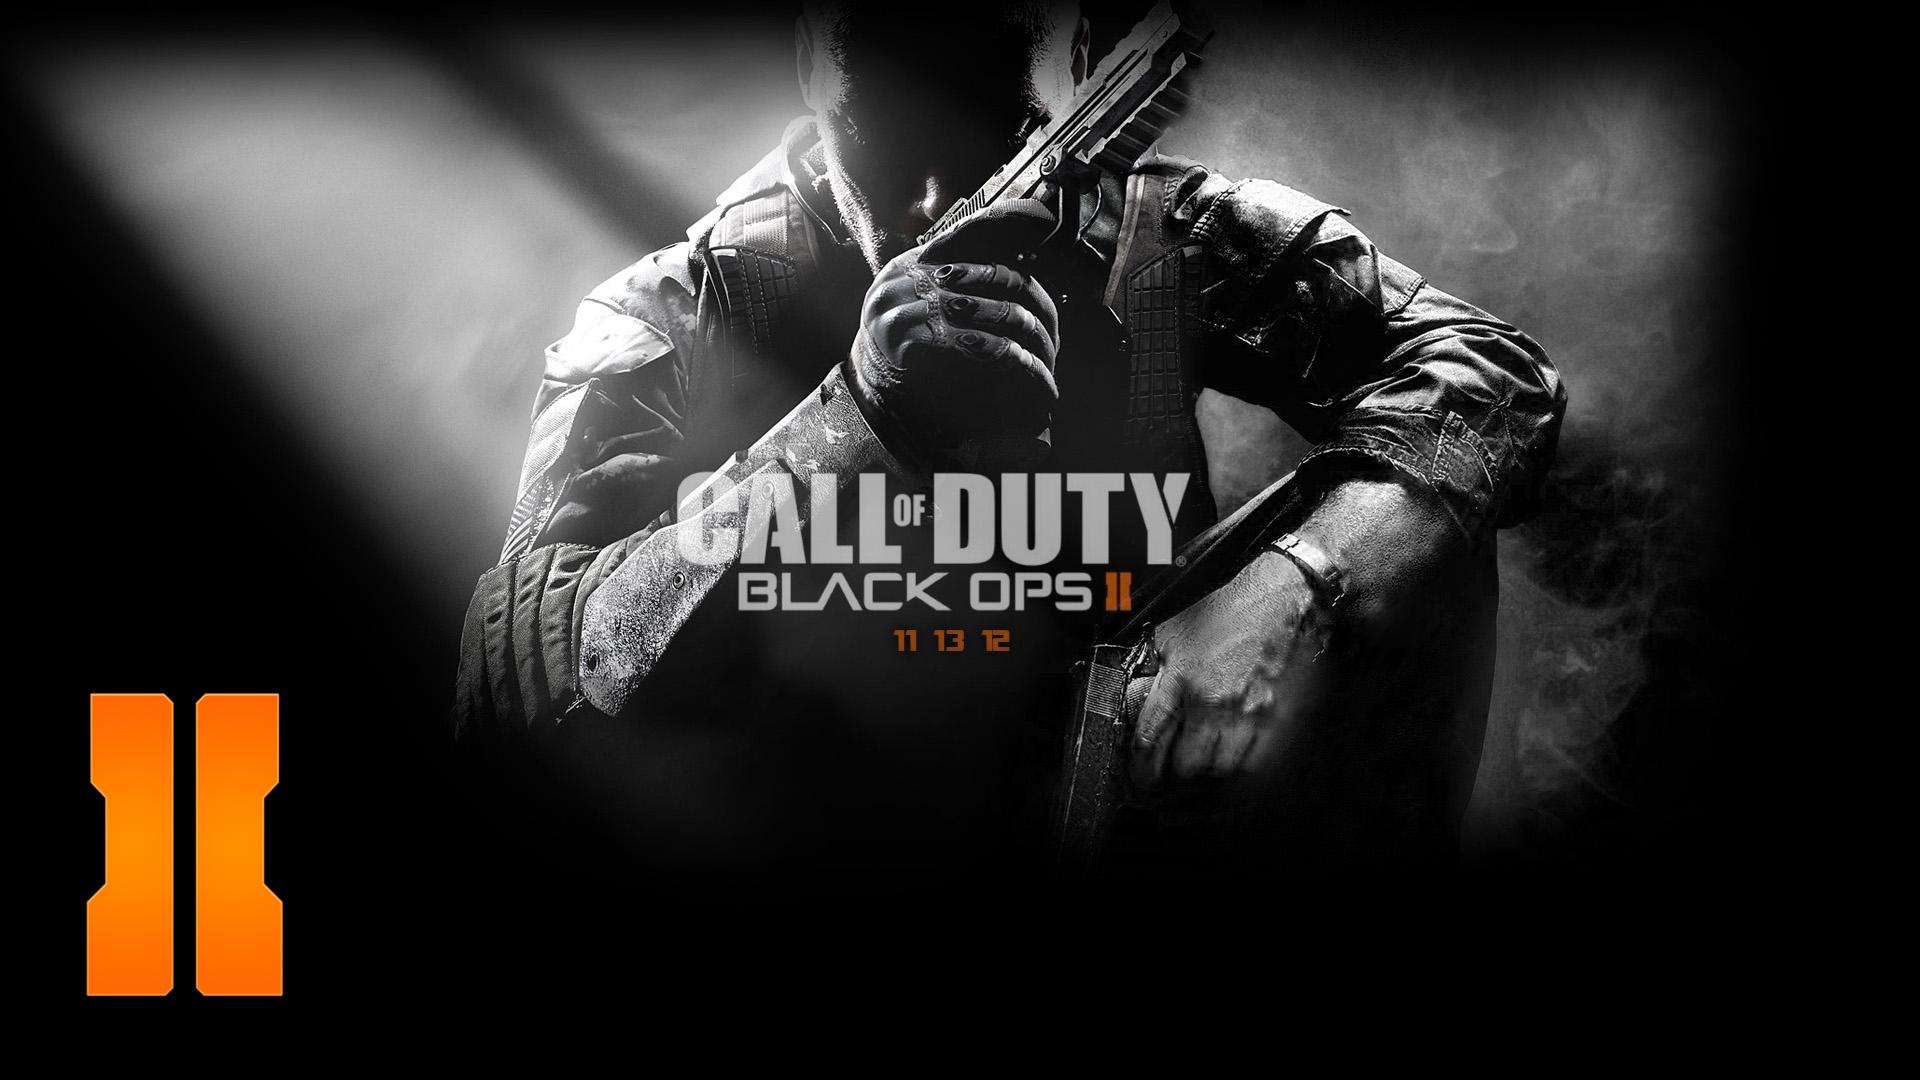 Telecharger Call Of Duty: Black Ops PC Call Of Duty: Black Ops Call of Duty : Black Ops est un FPS grand spectacle sur PC qui nous entraîne en 1968 et nous permet de vivre, par l'intermédiaire de flash-back, les pérégrinations d'un soldat américain en pleine guerre froide.